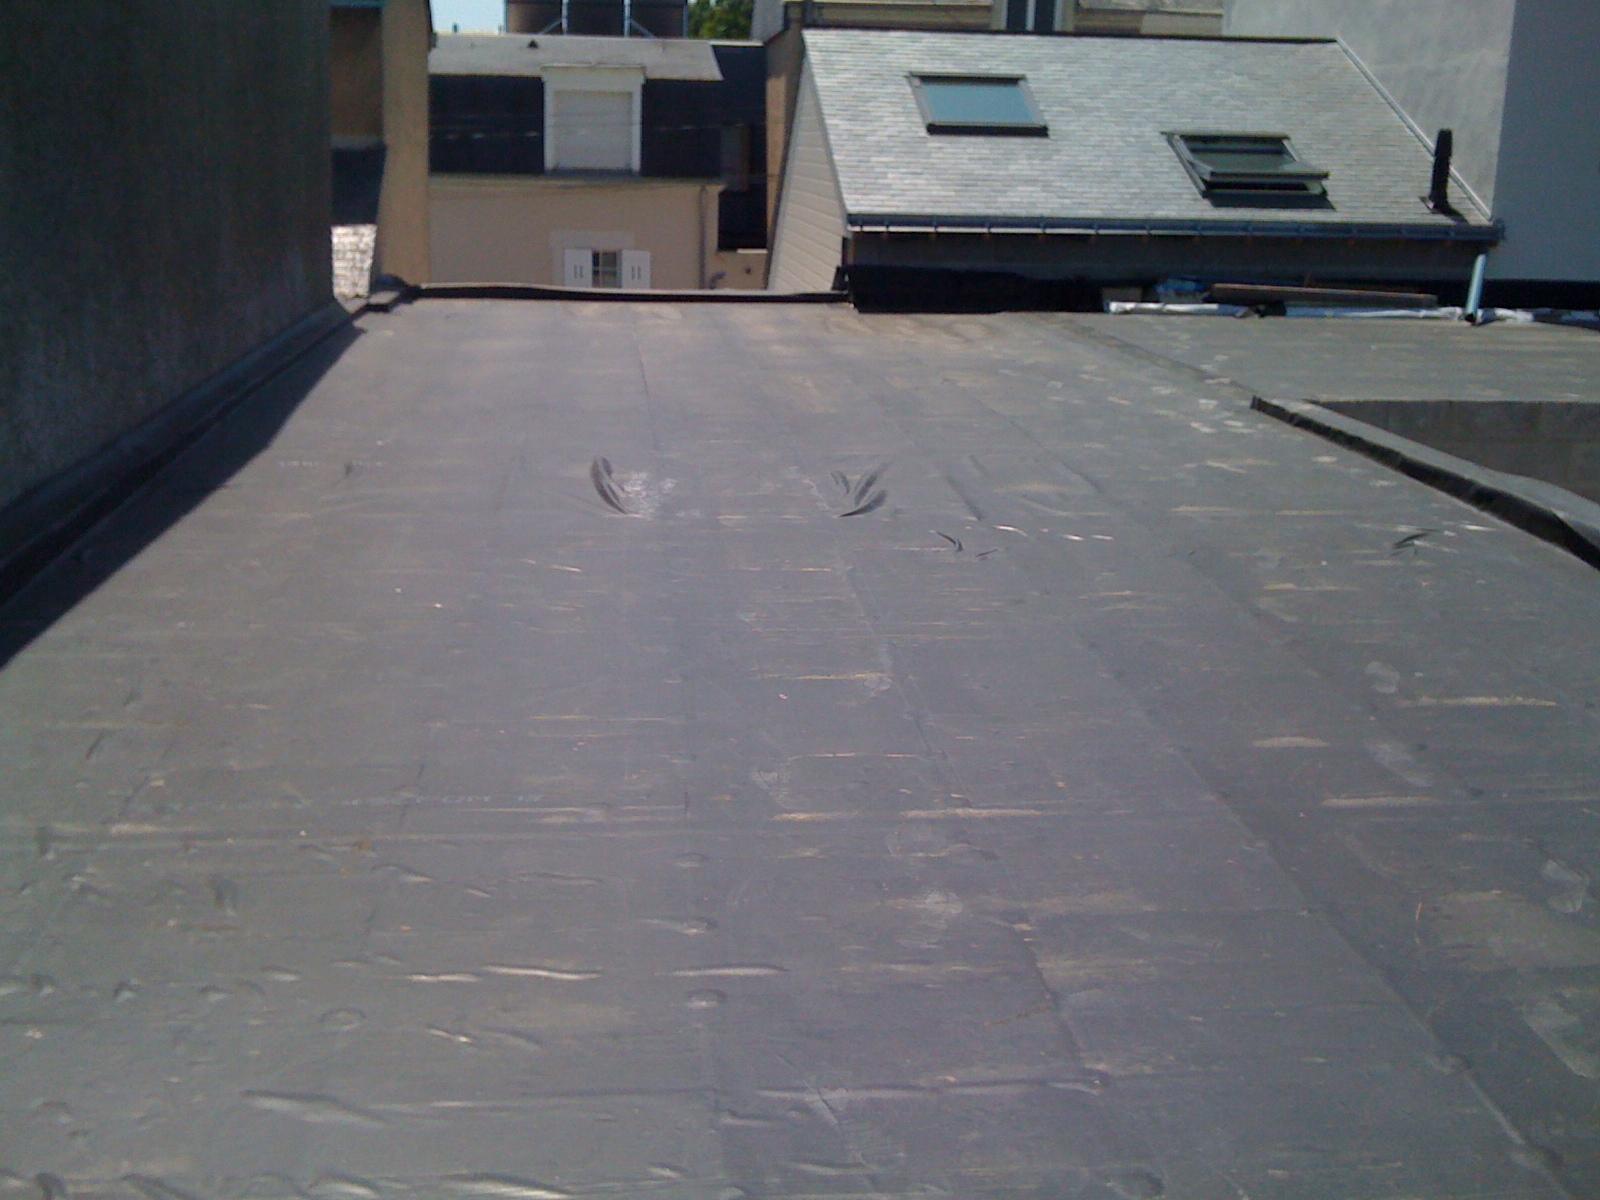 membrane epdm la coupe pour toiture larg 6 10m ep 1 14mm. Black Bedroom Furniture Sets. Home Design Ideas